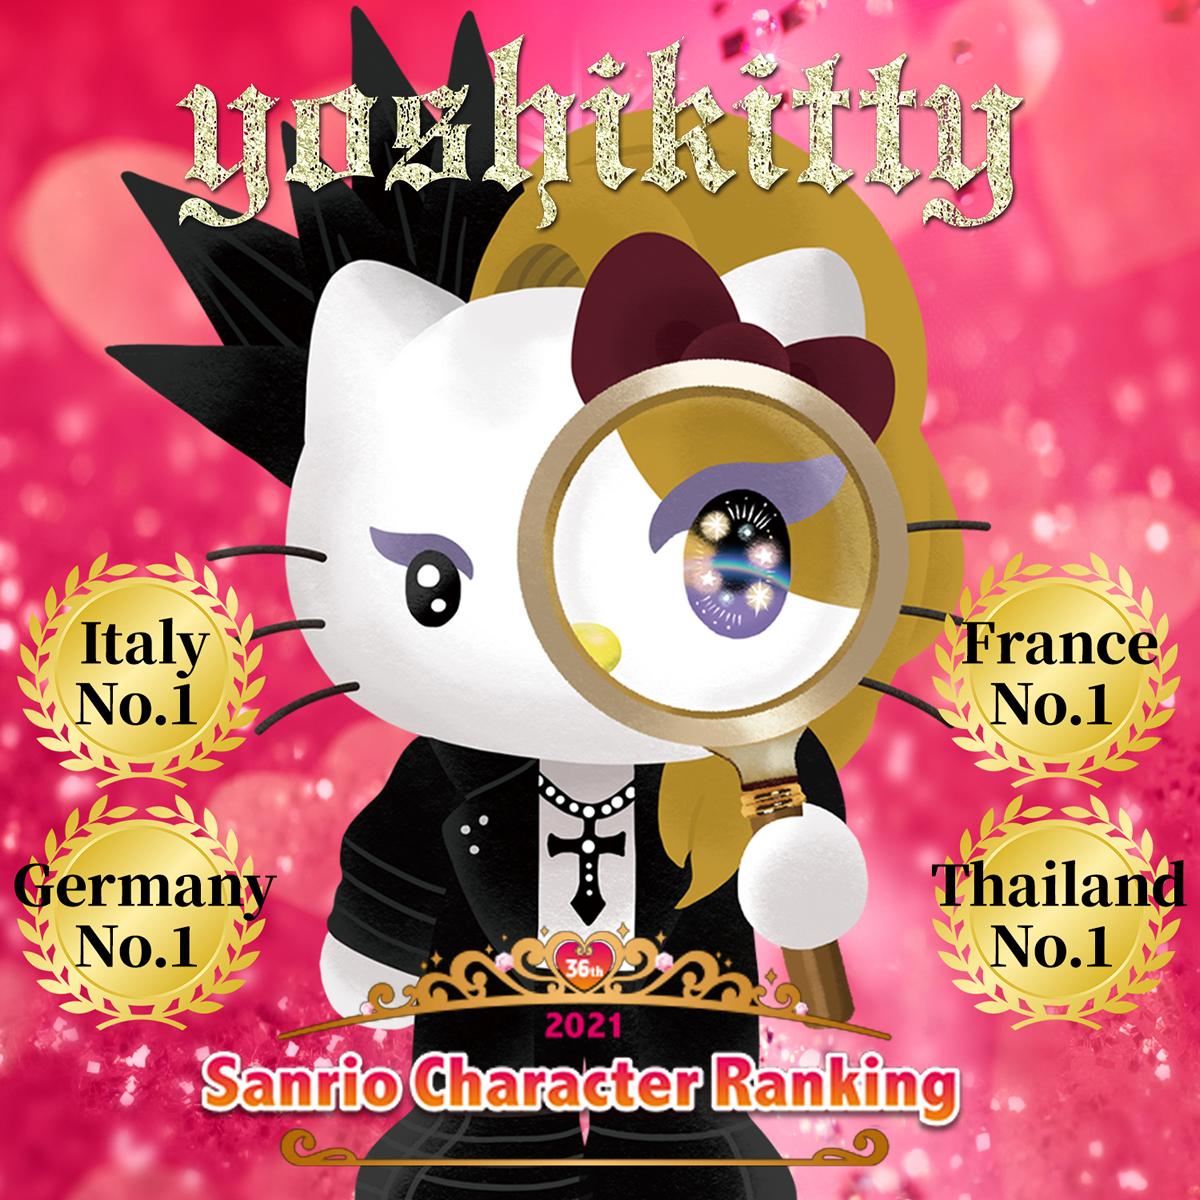 yoshikittyがタイで1位!サンリオキャラクター大賞の海外順位で大快挙